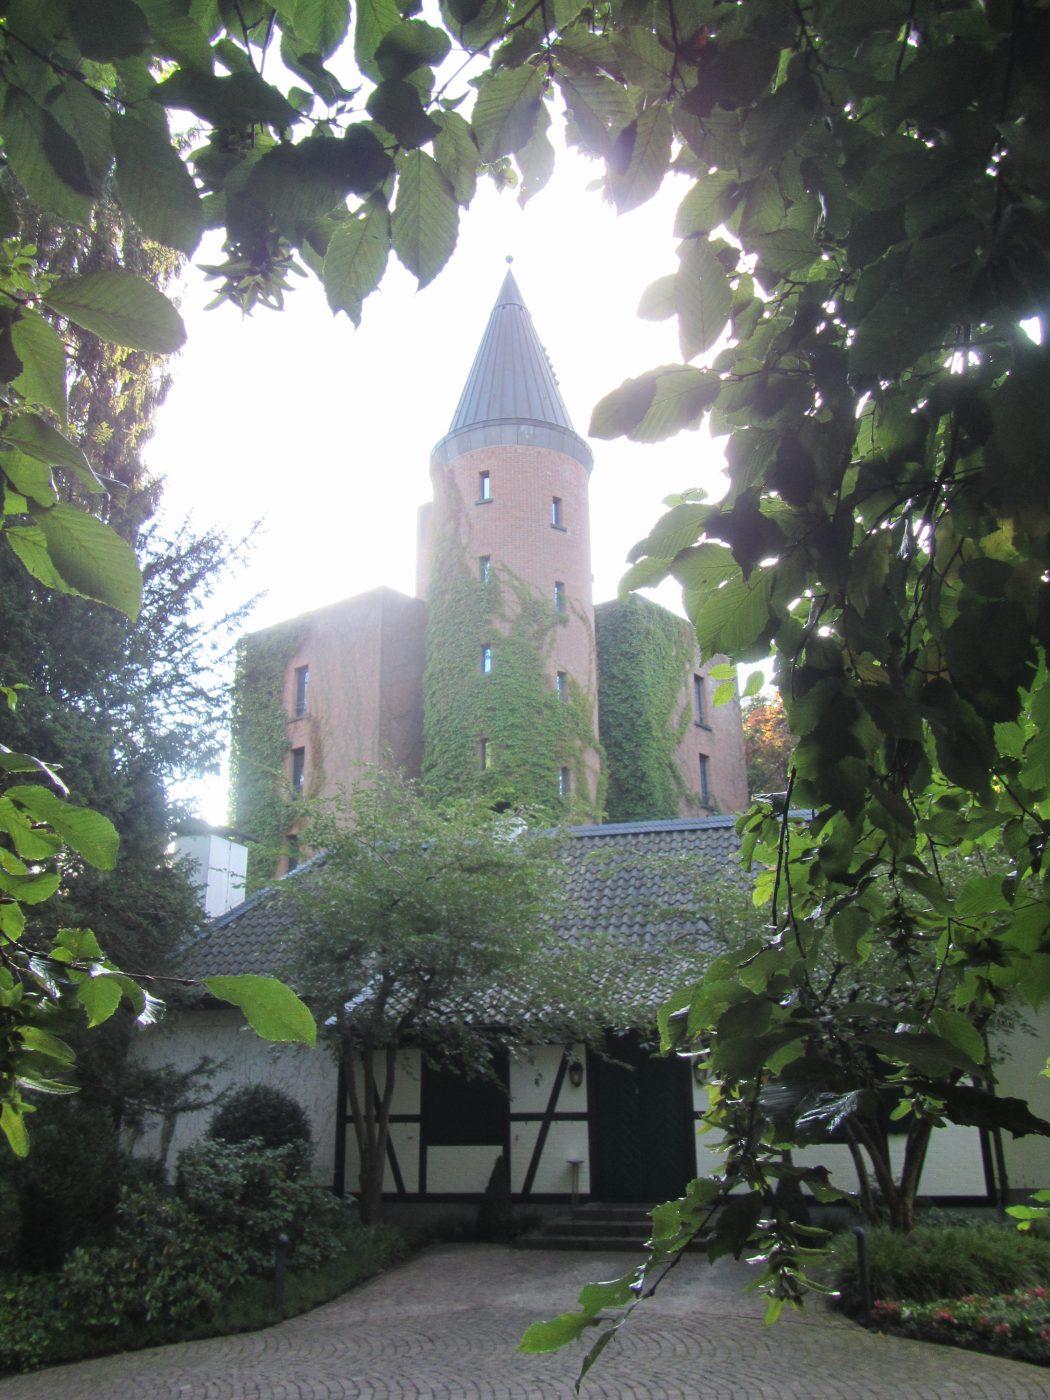 Das Foto zeigt das Schloss Landsberg in Essen